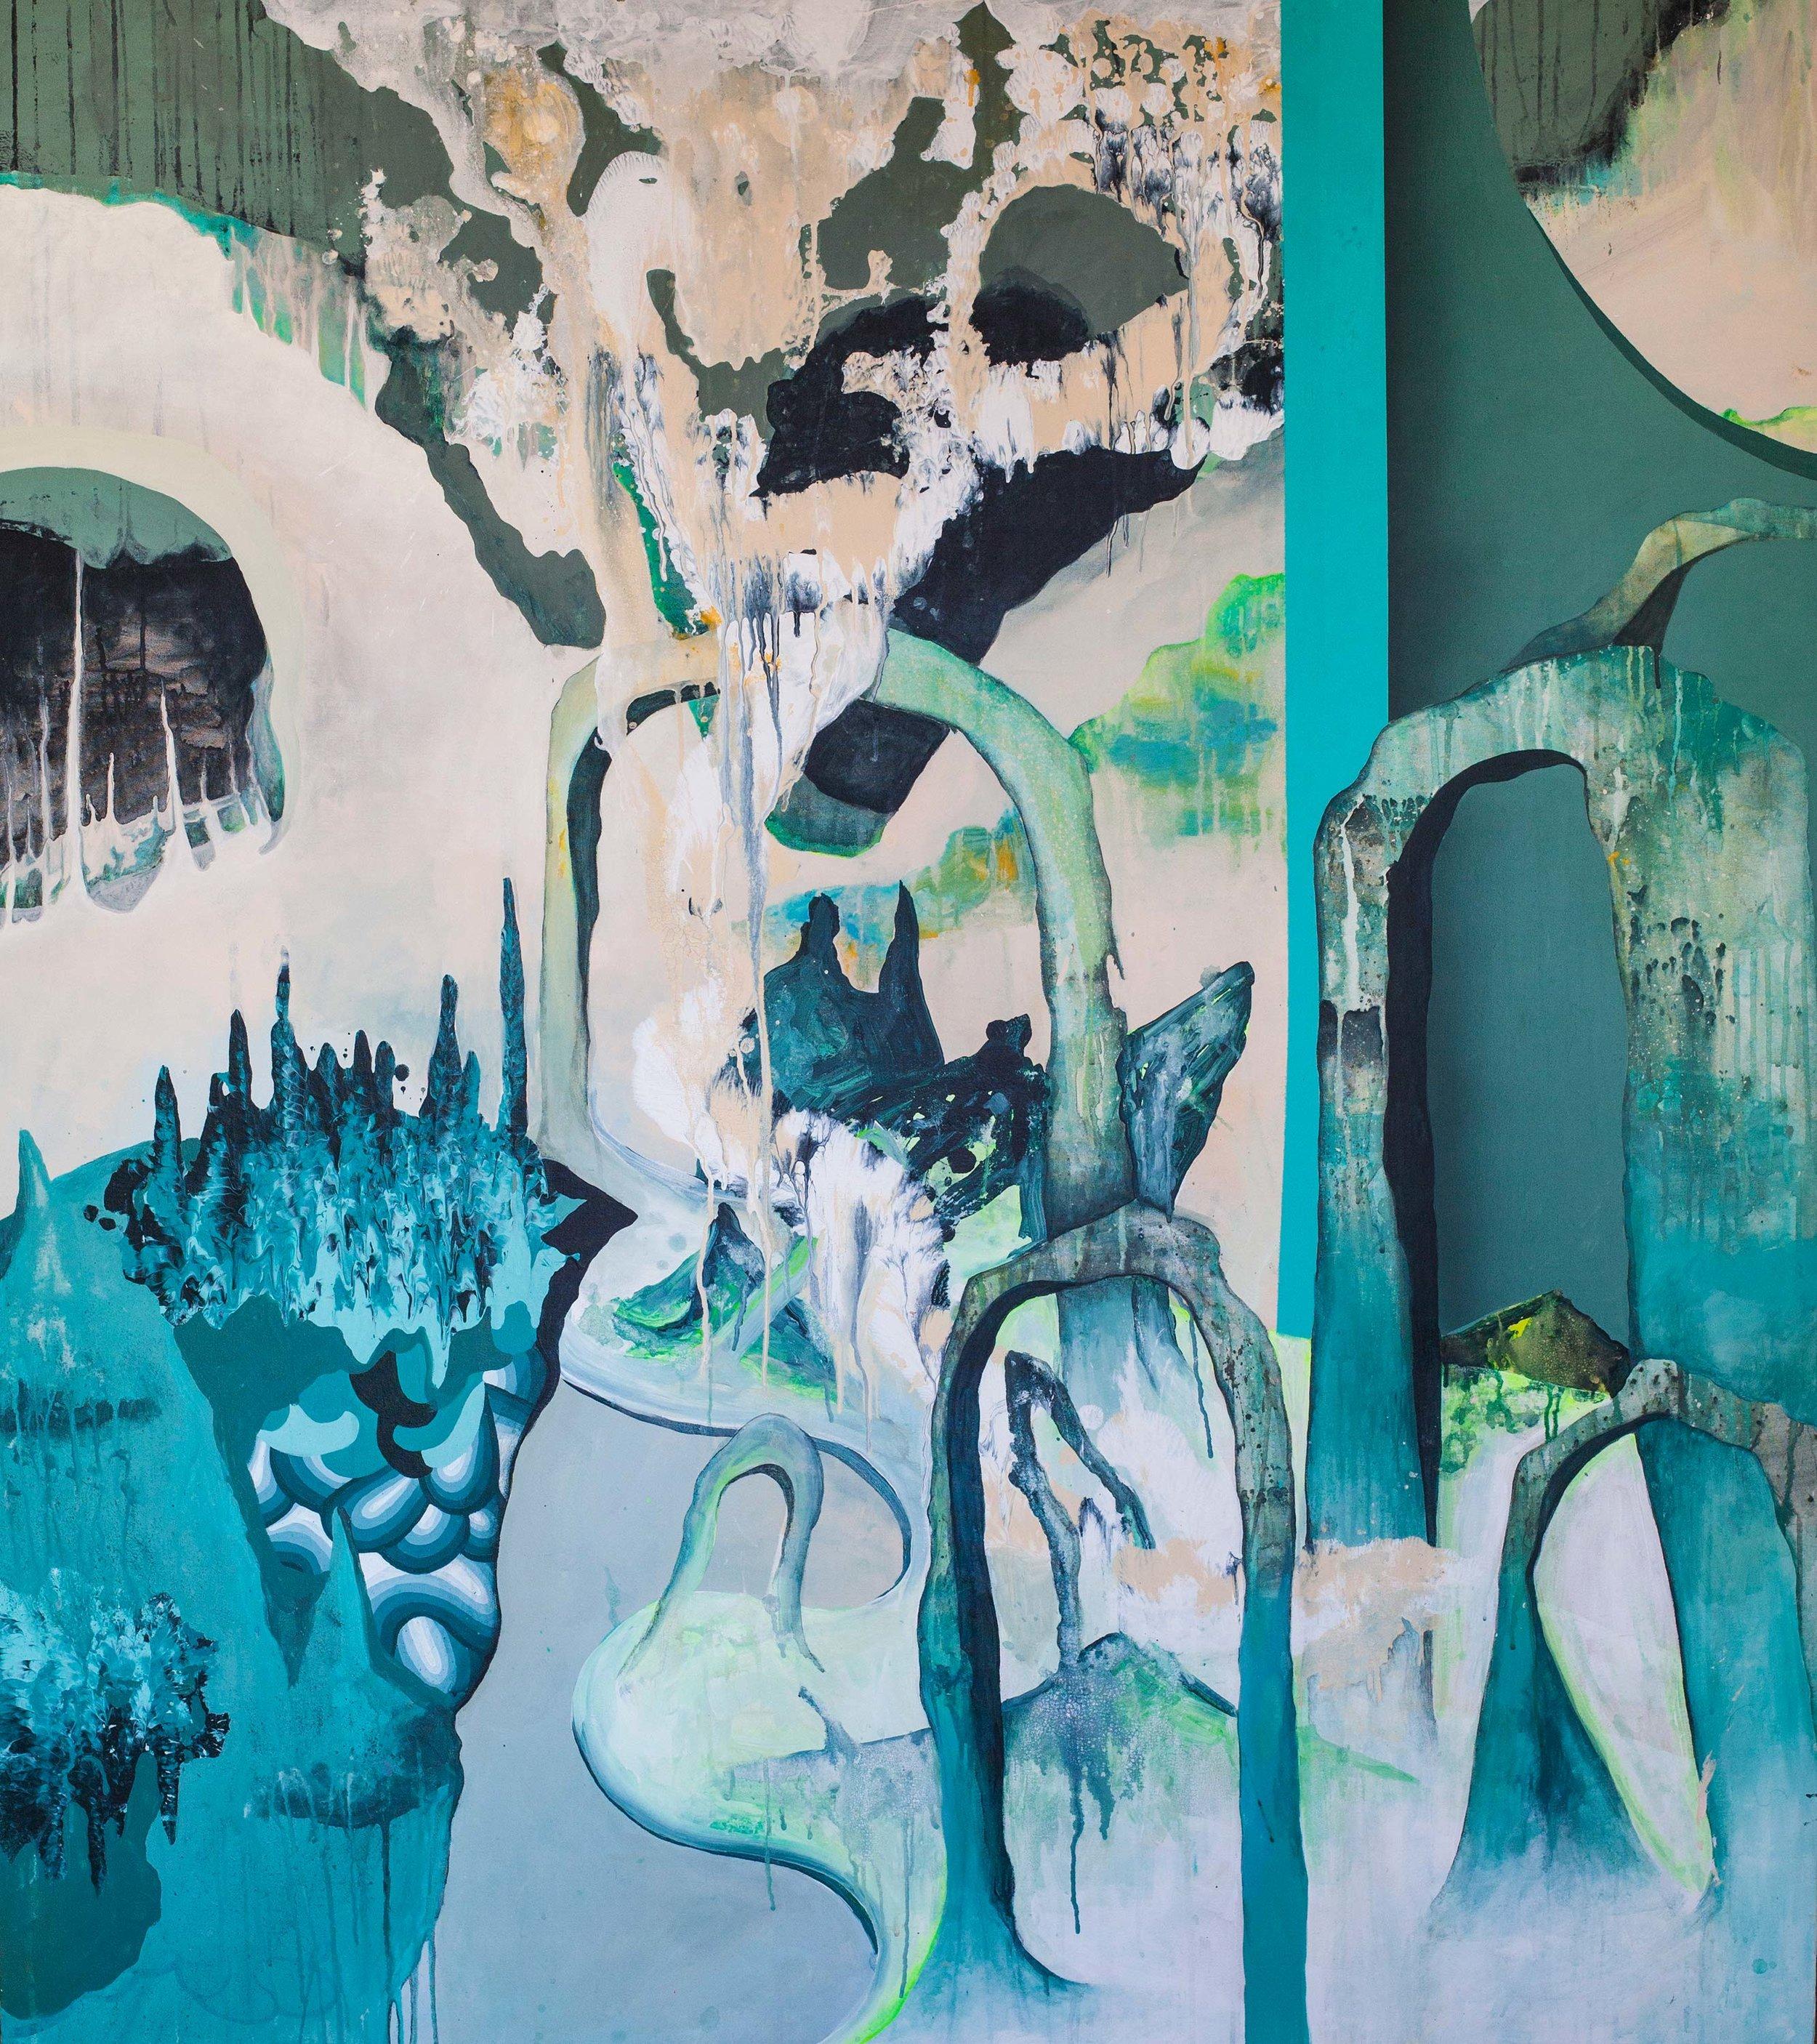 Acrylic on canvas. 165 x 145 cm